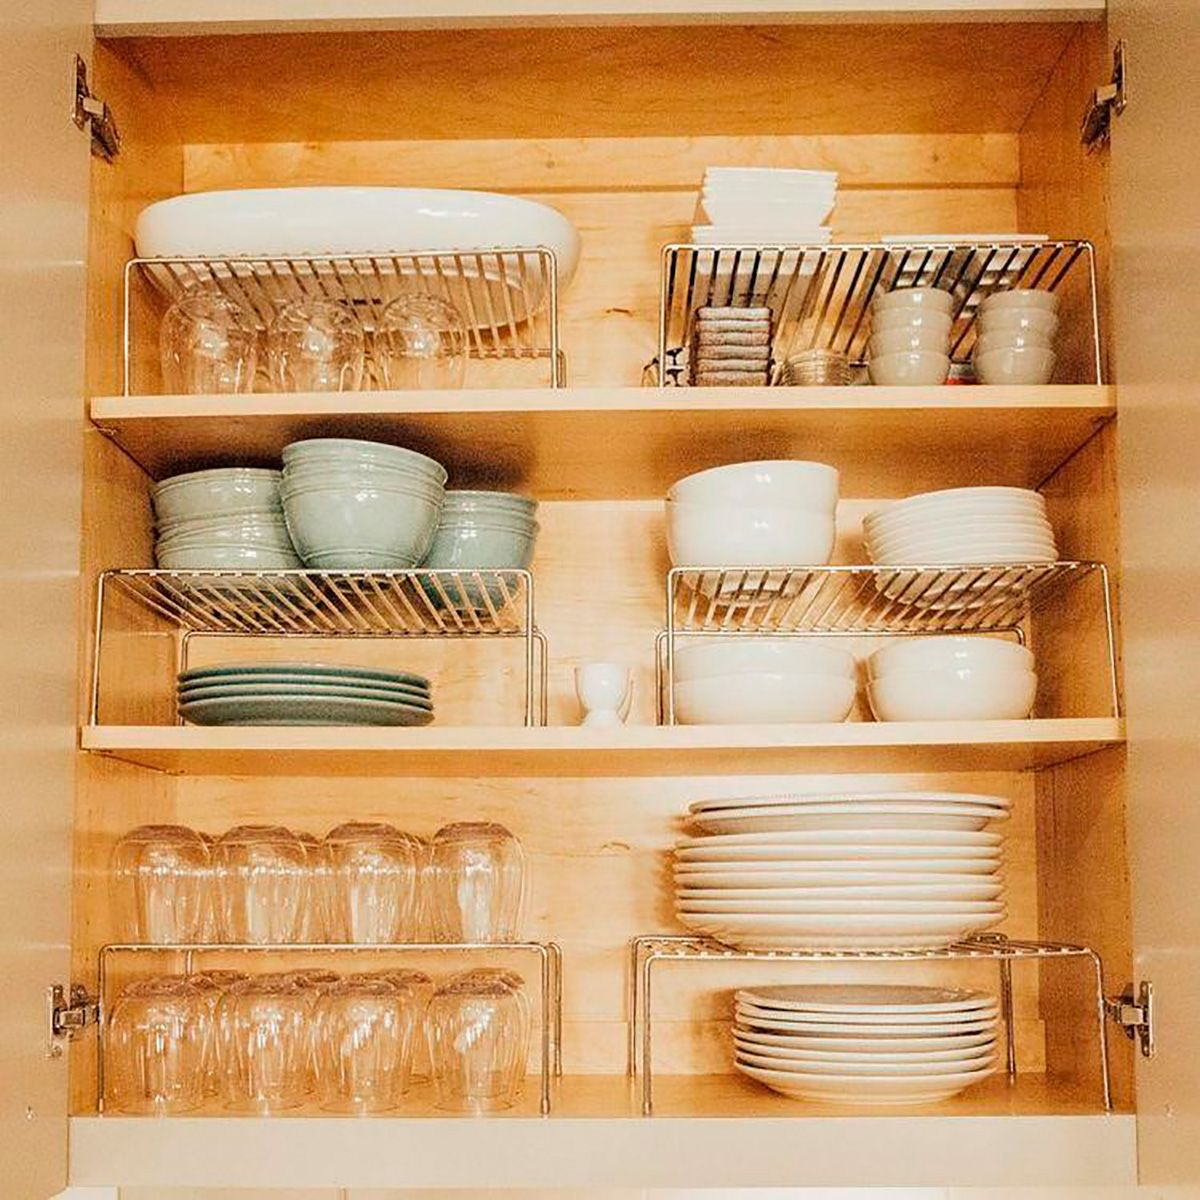 ¿Cómo ordenar y organizar la cocina